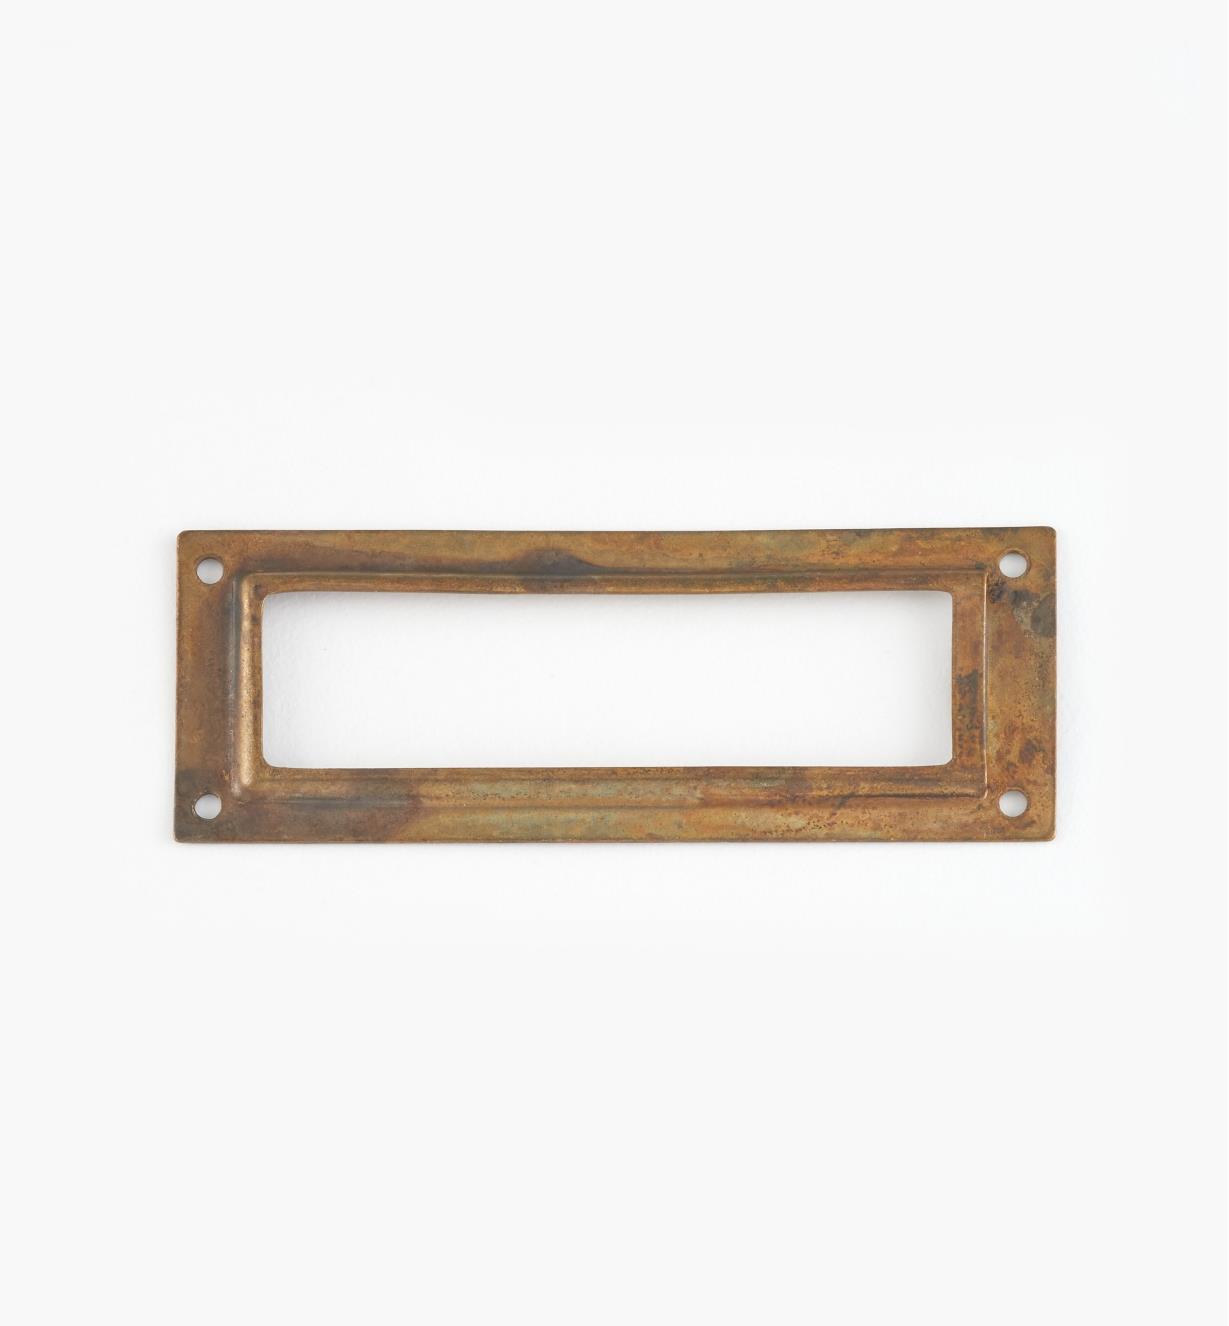 01A5790 - Porte-étiquette en laiton estampé, laiton ancien, 80 mm x 29 mm